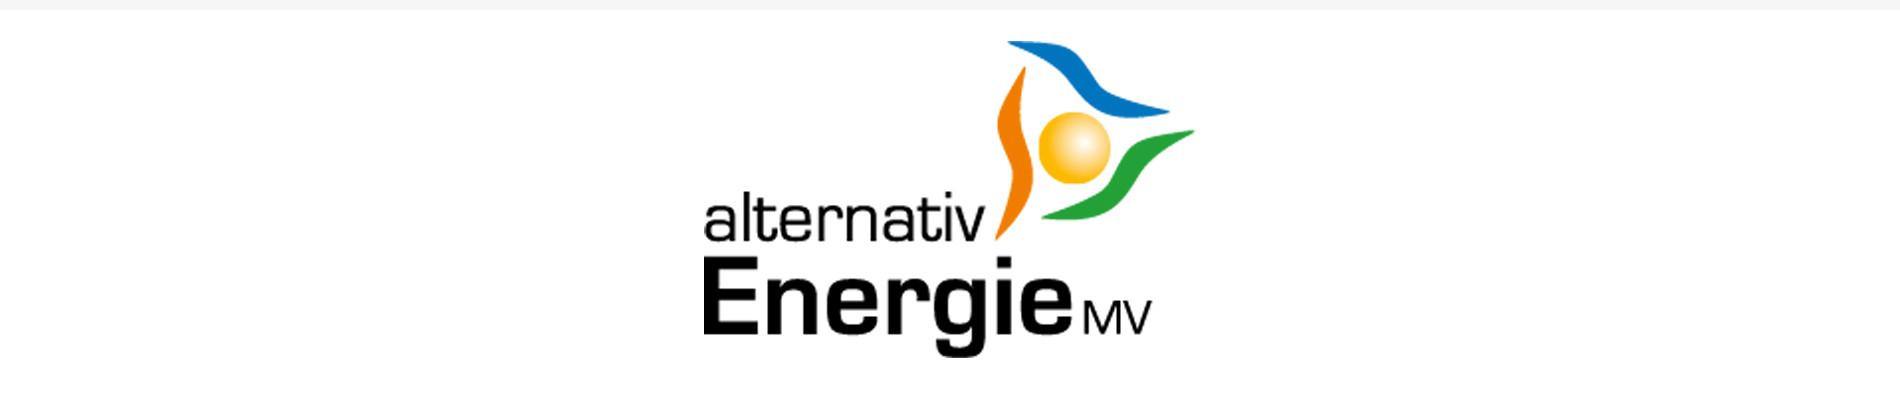 Banner alternativ energien MV